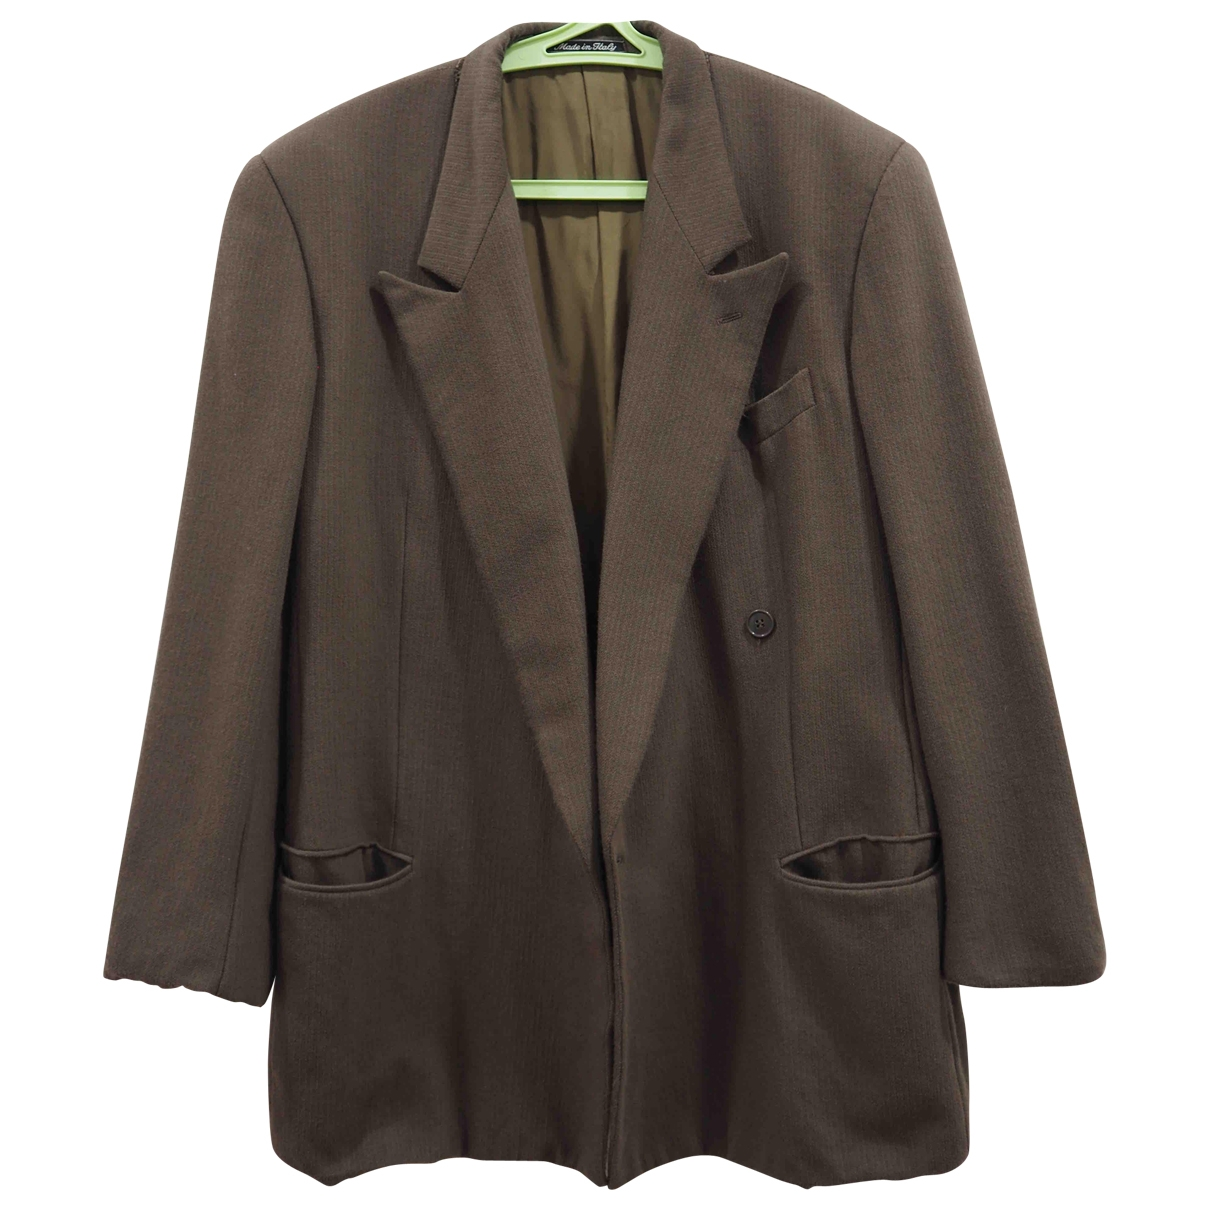 Giorgio Armani \N Jacke in  Beige Wolle